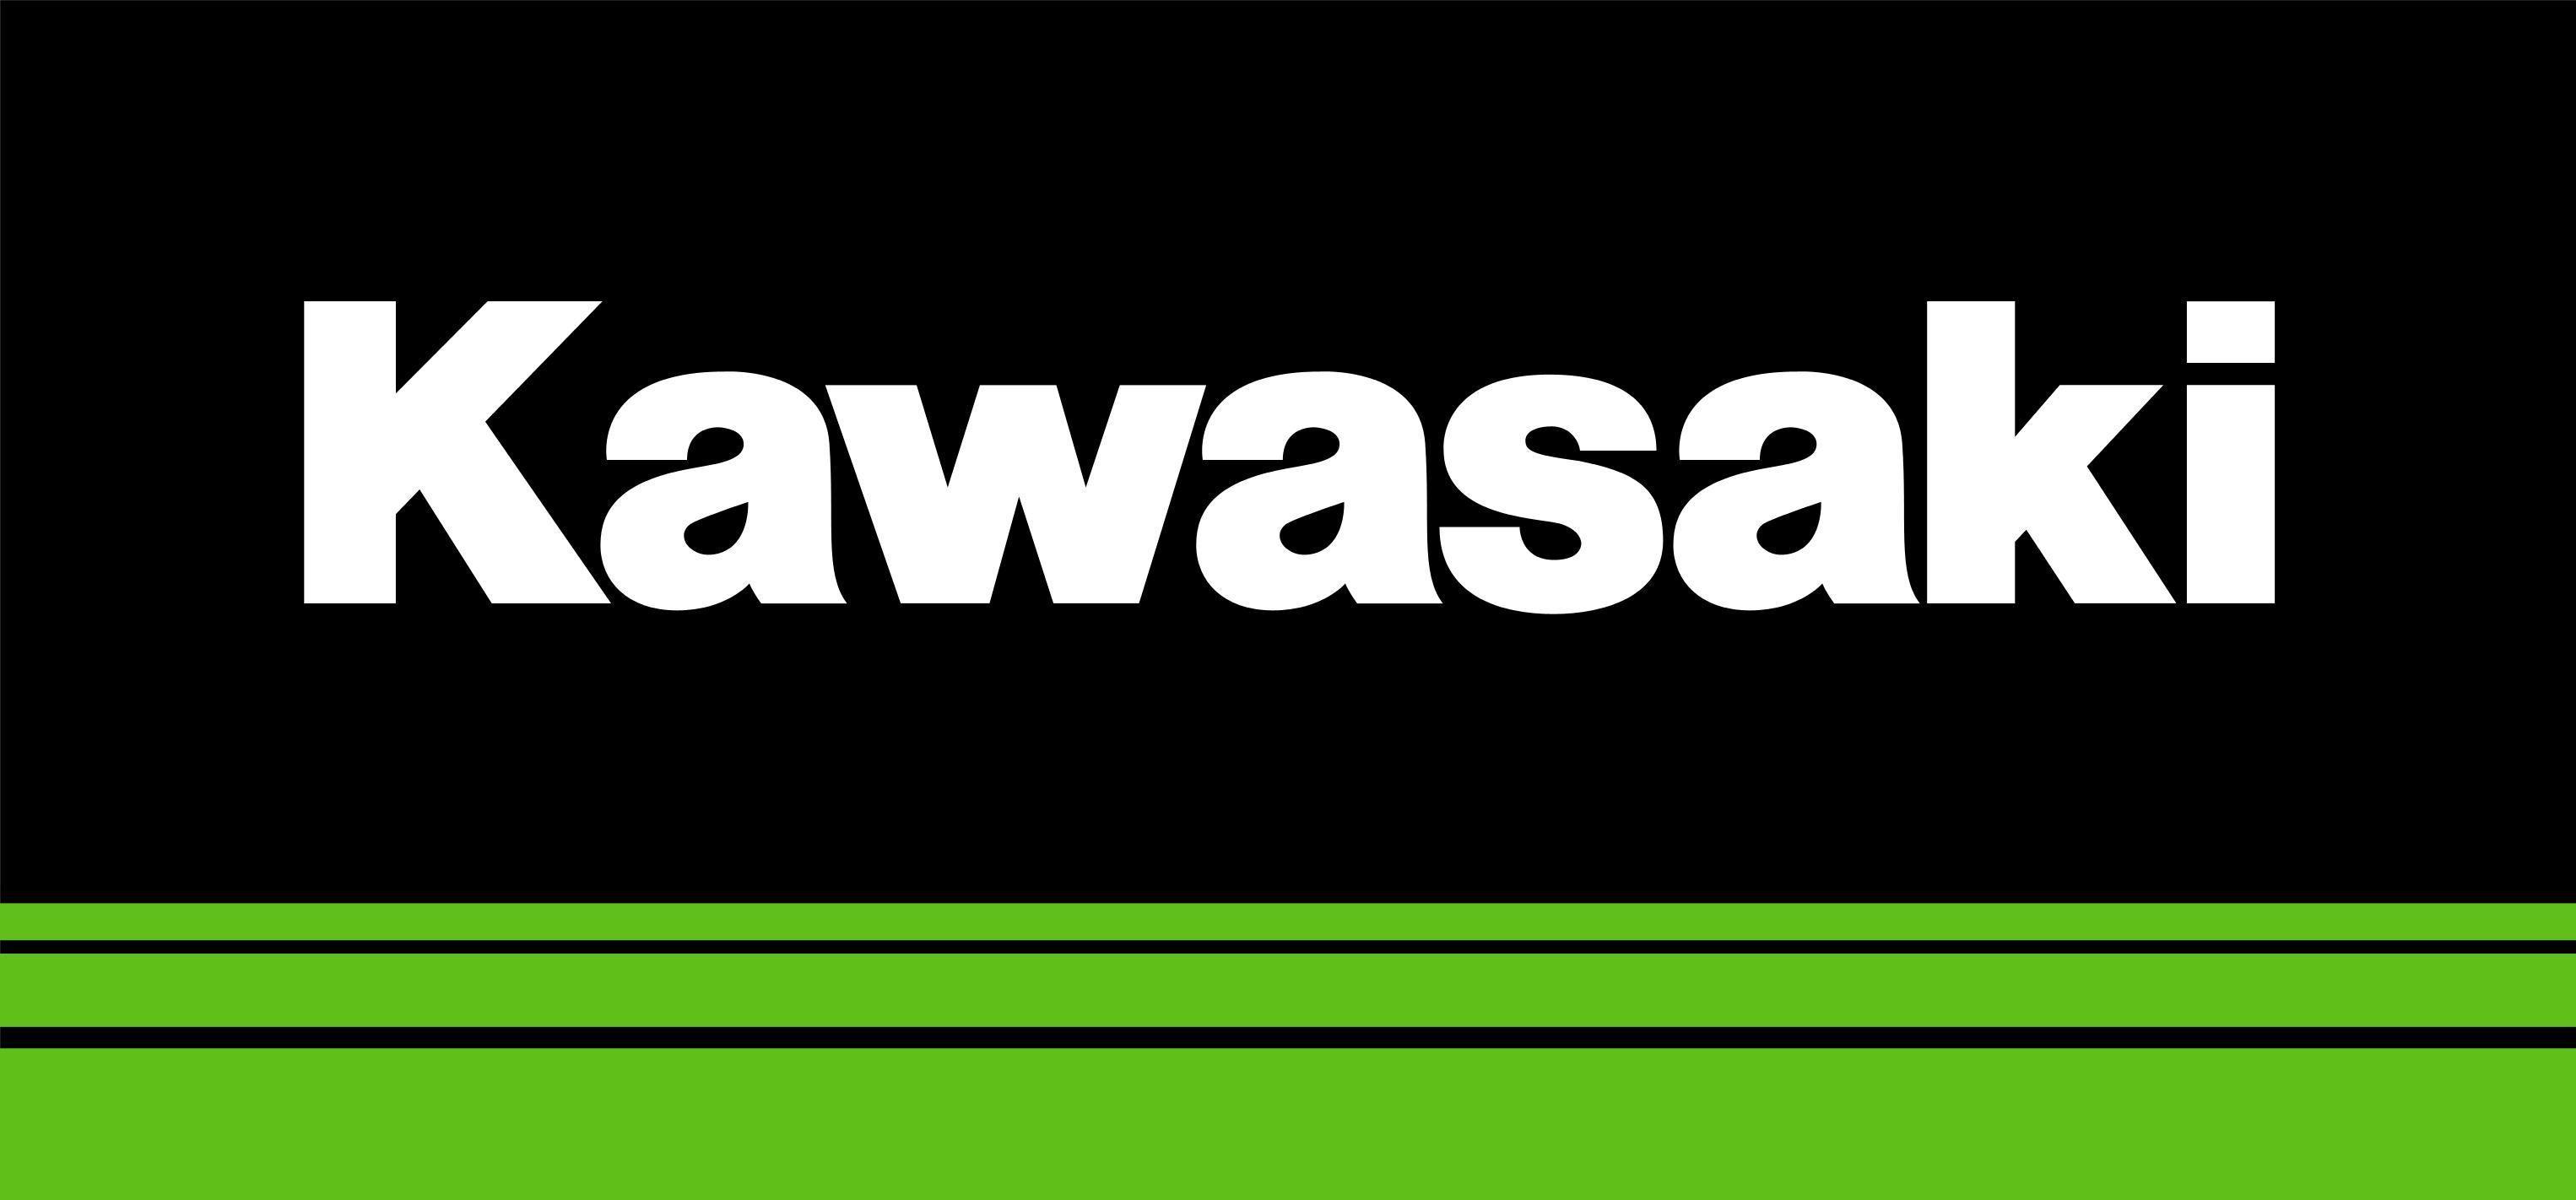 Kawasaki Logo 41500 3052x1422 Px HDWallSource